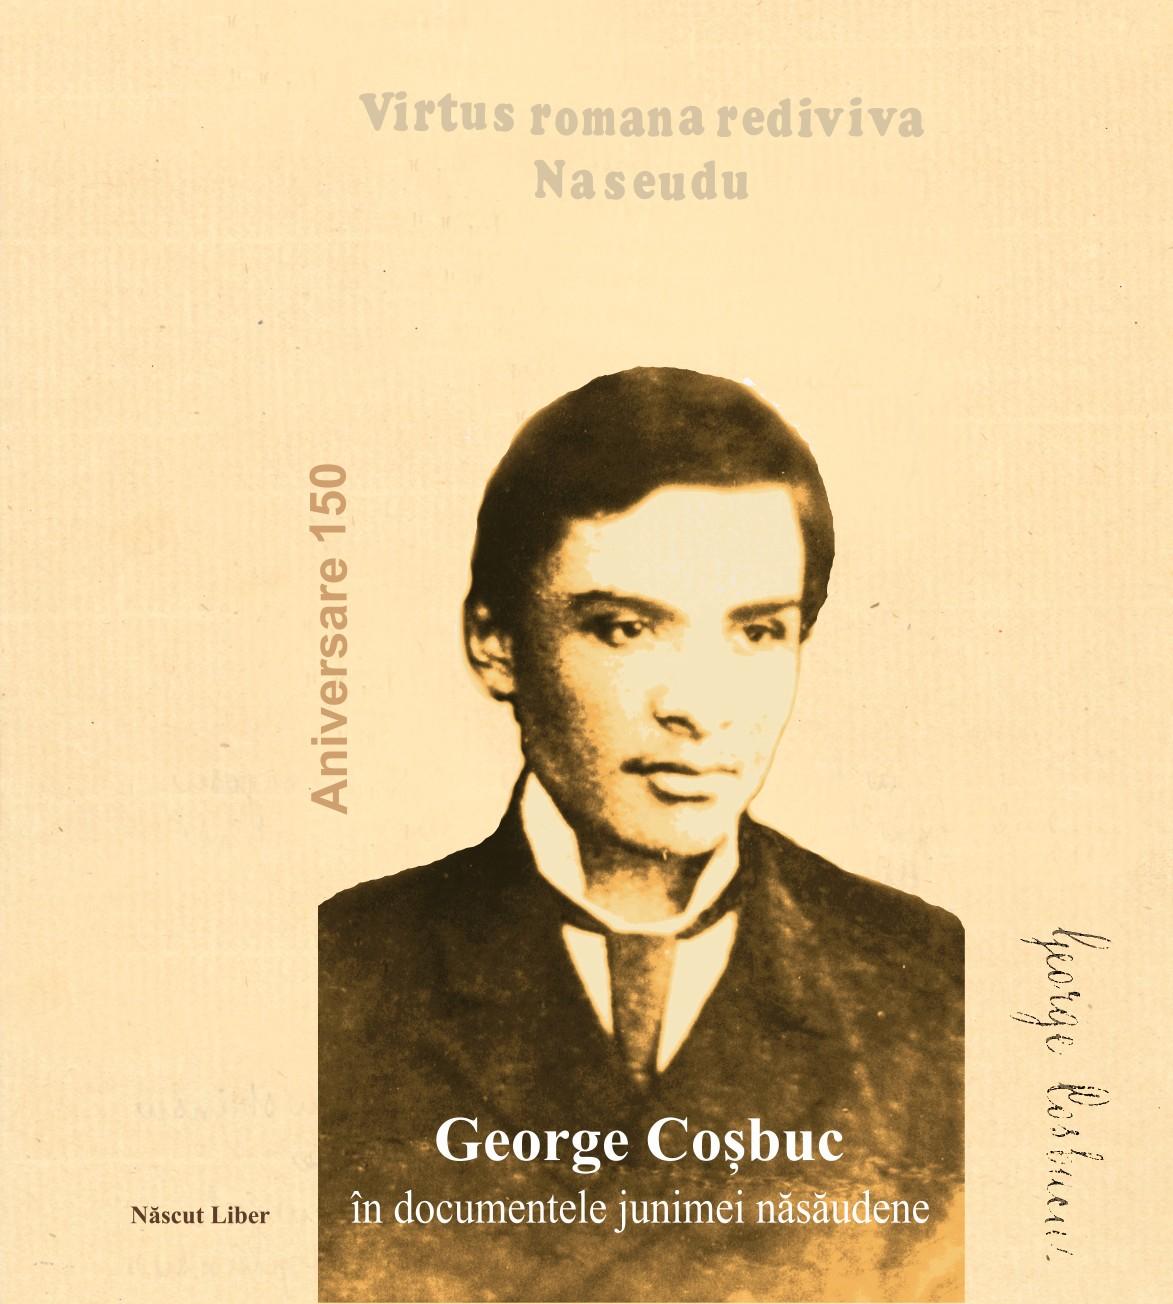 George Coșbuc în documentele junimei năsăudene